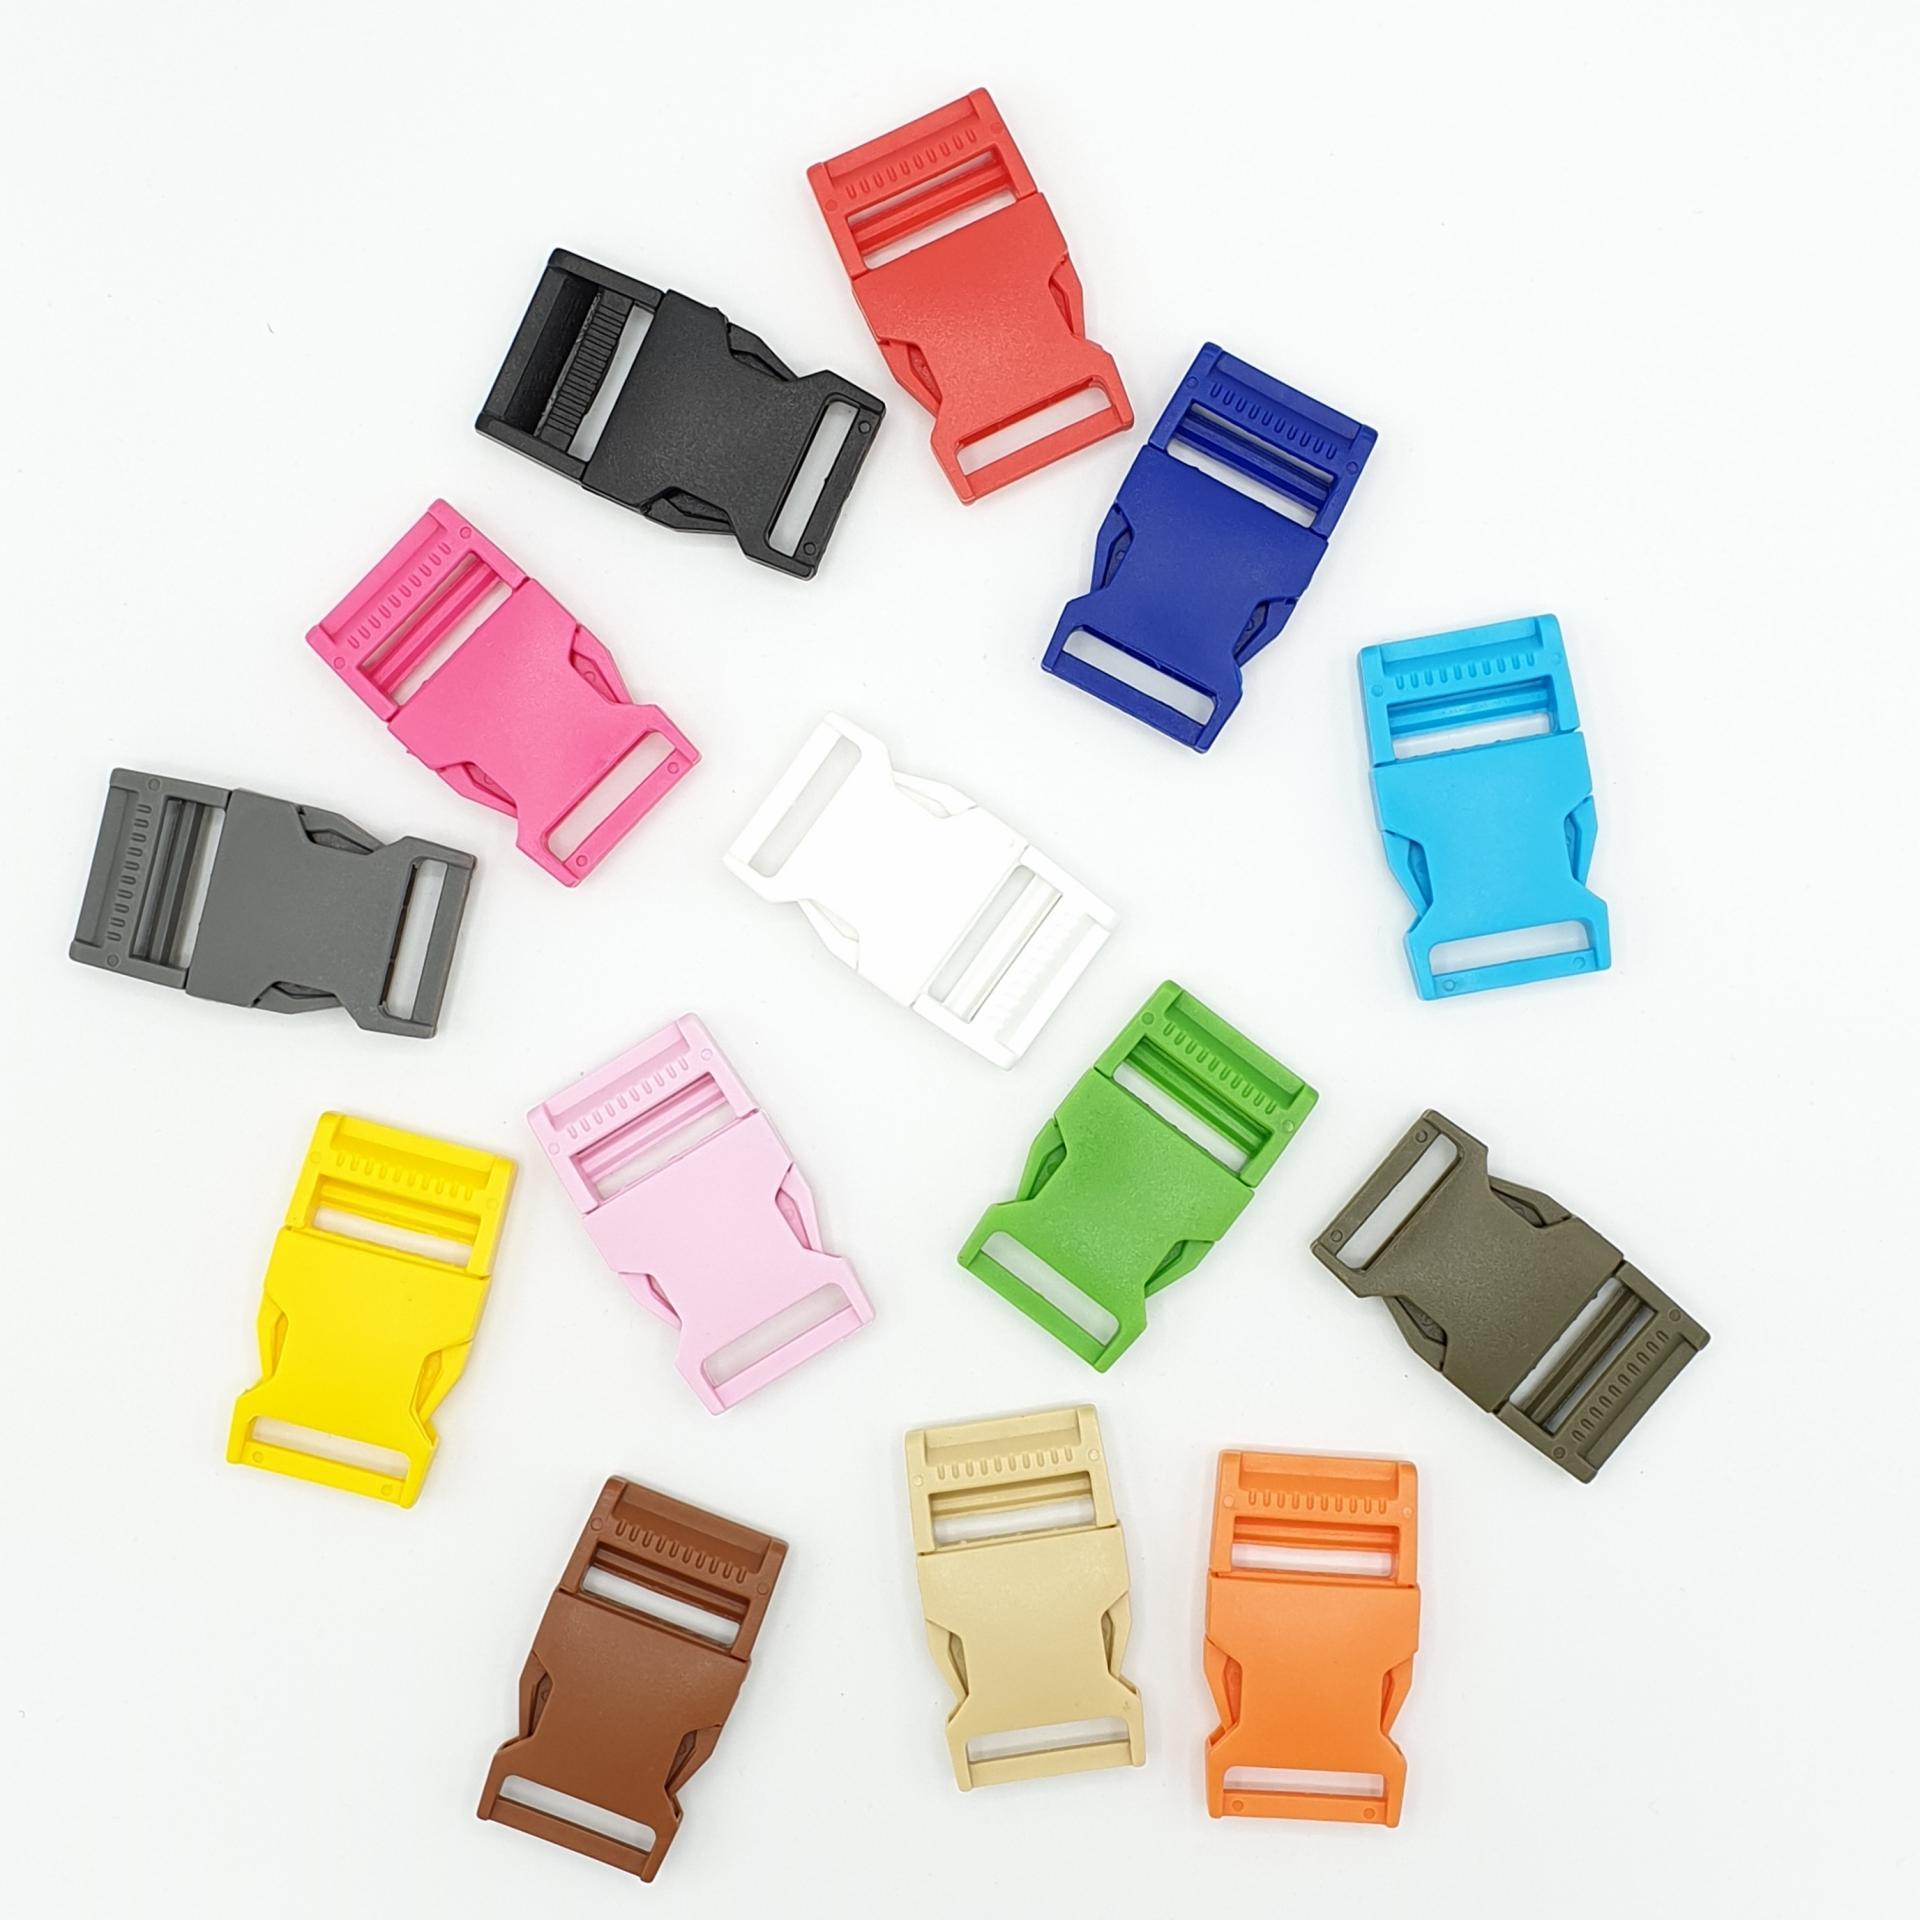 Cierres de Colores - Mochila, Bolso, Riñonera, Collar - Plastico